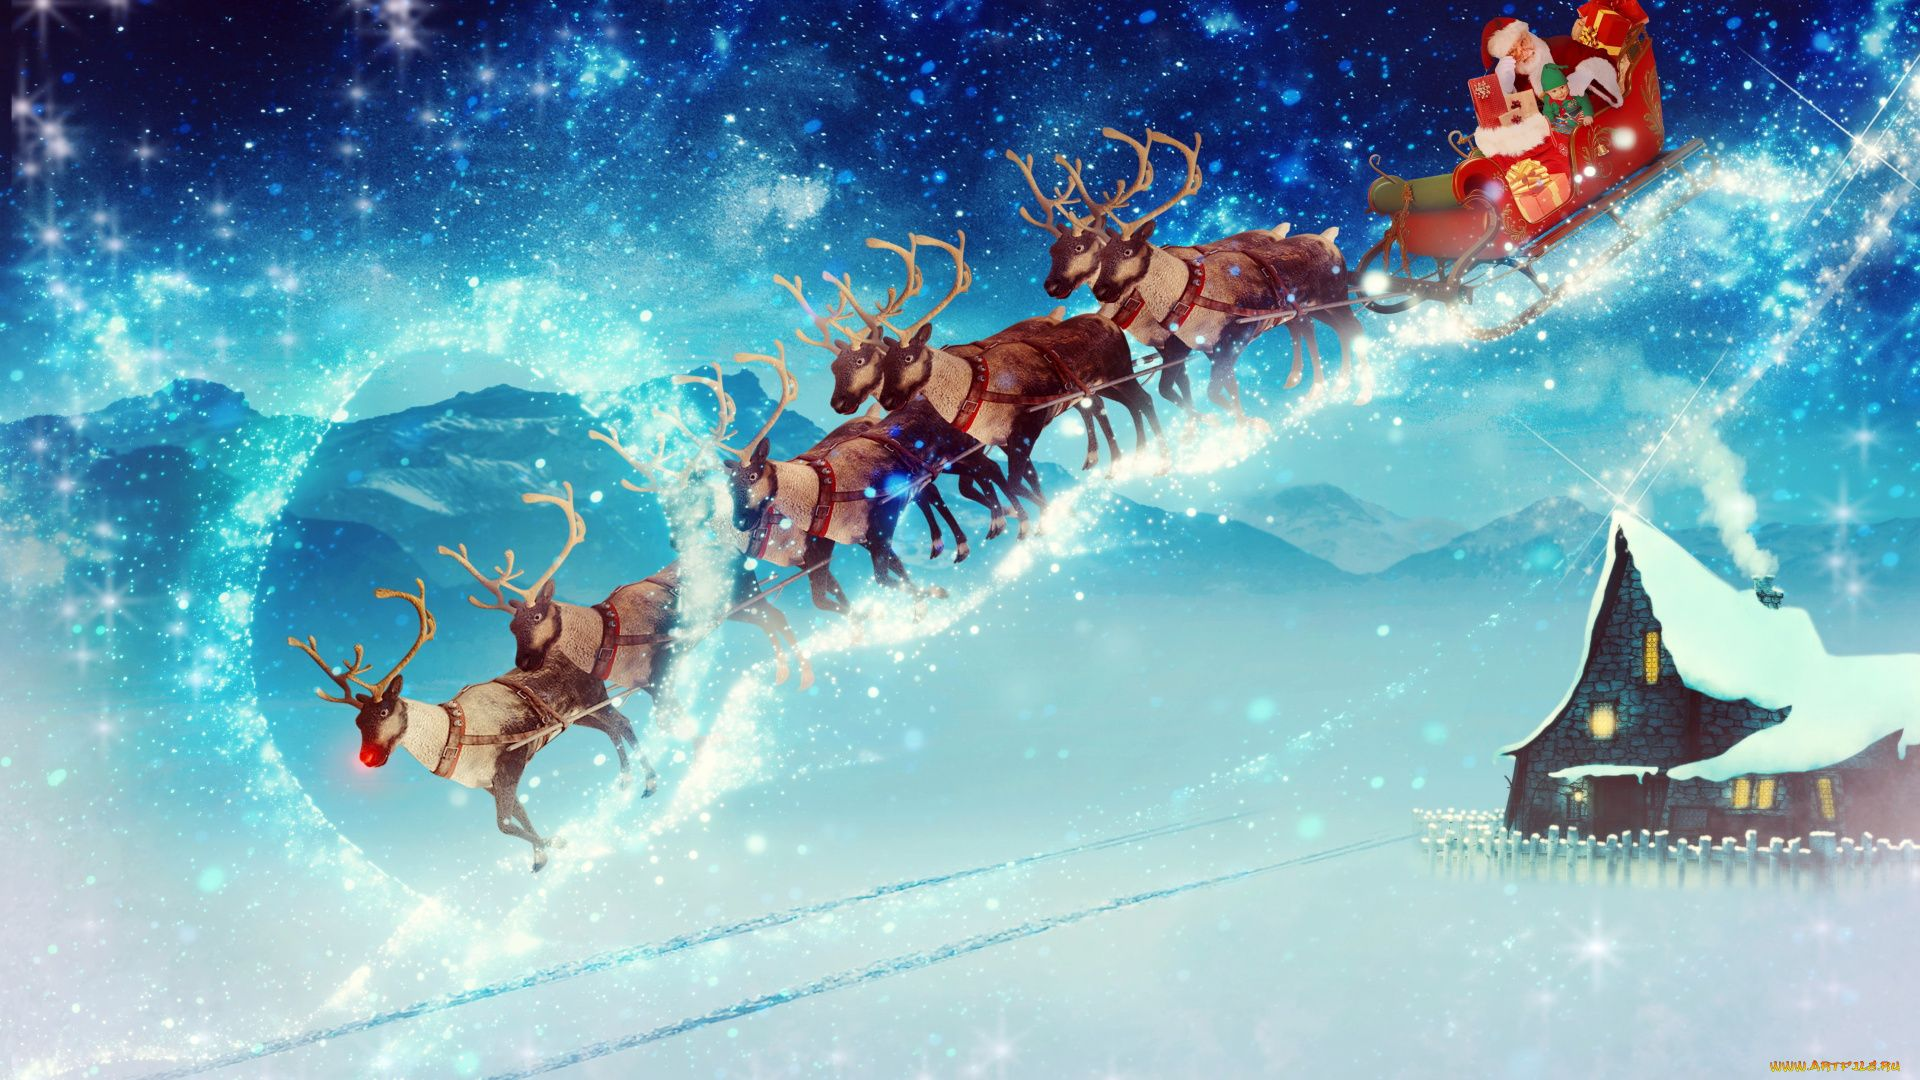 Christmas Sleigh full hd wallpaper for laptop